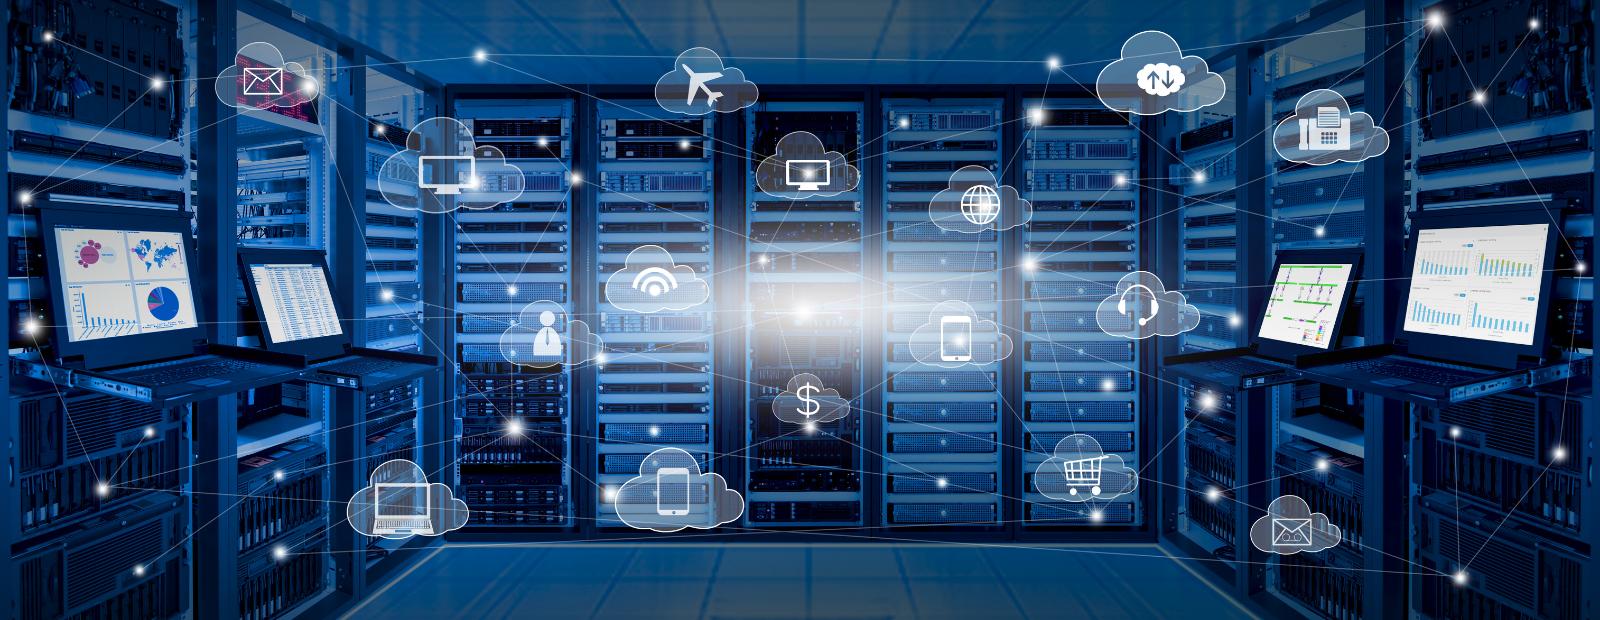 Jak zapobiegać wyciekom danych firmowych w chmurze